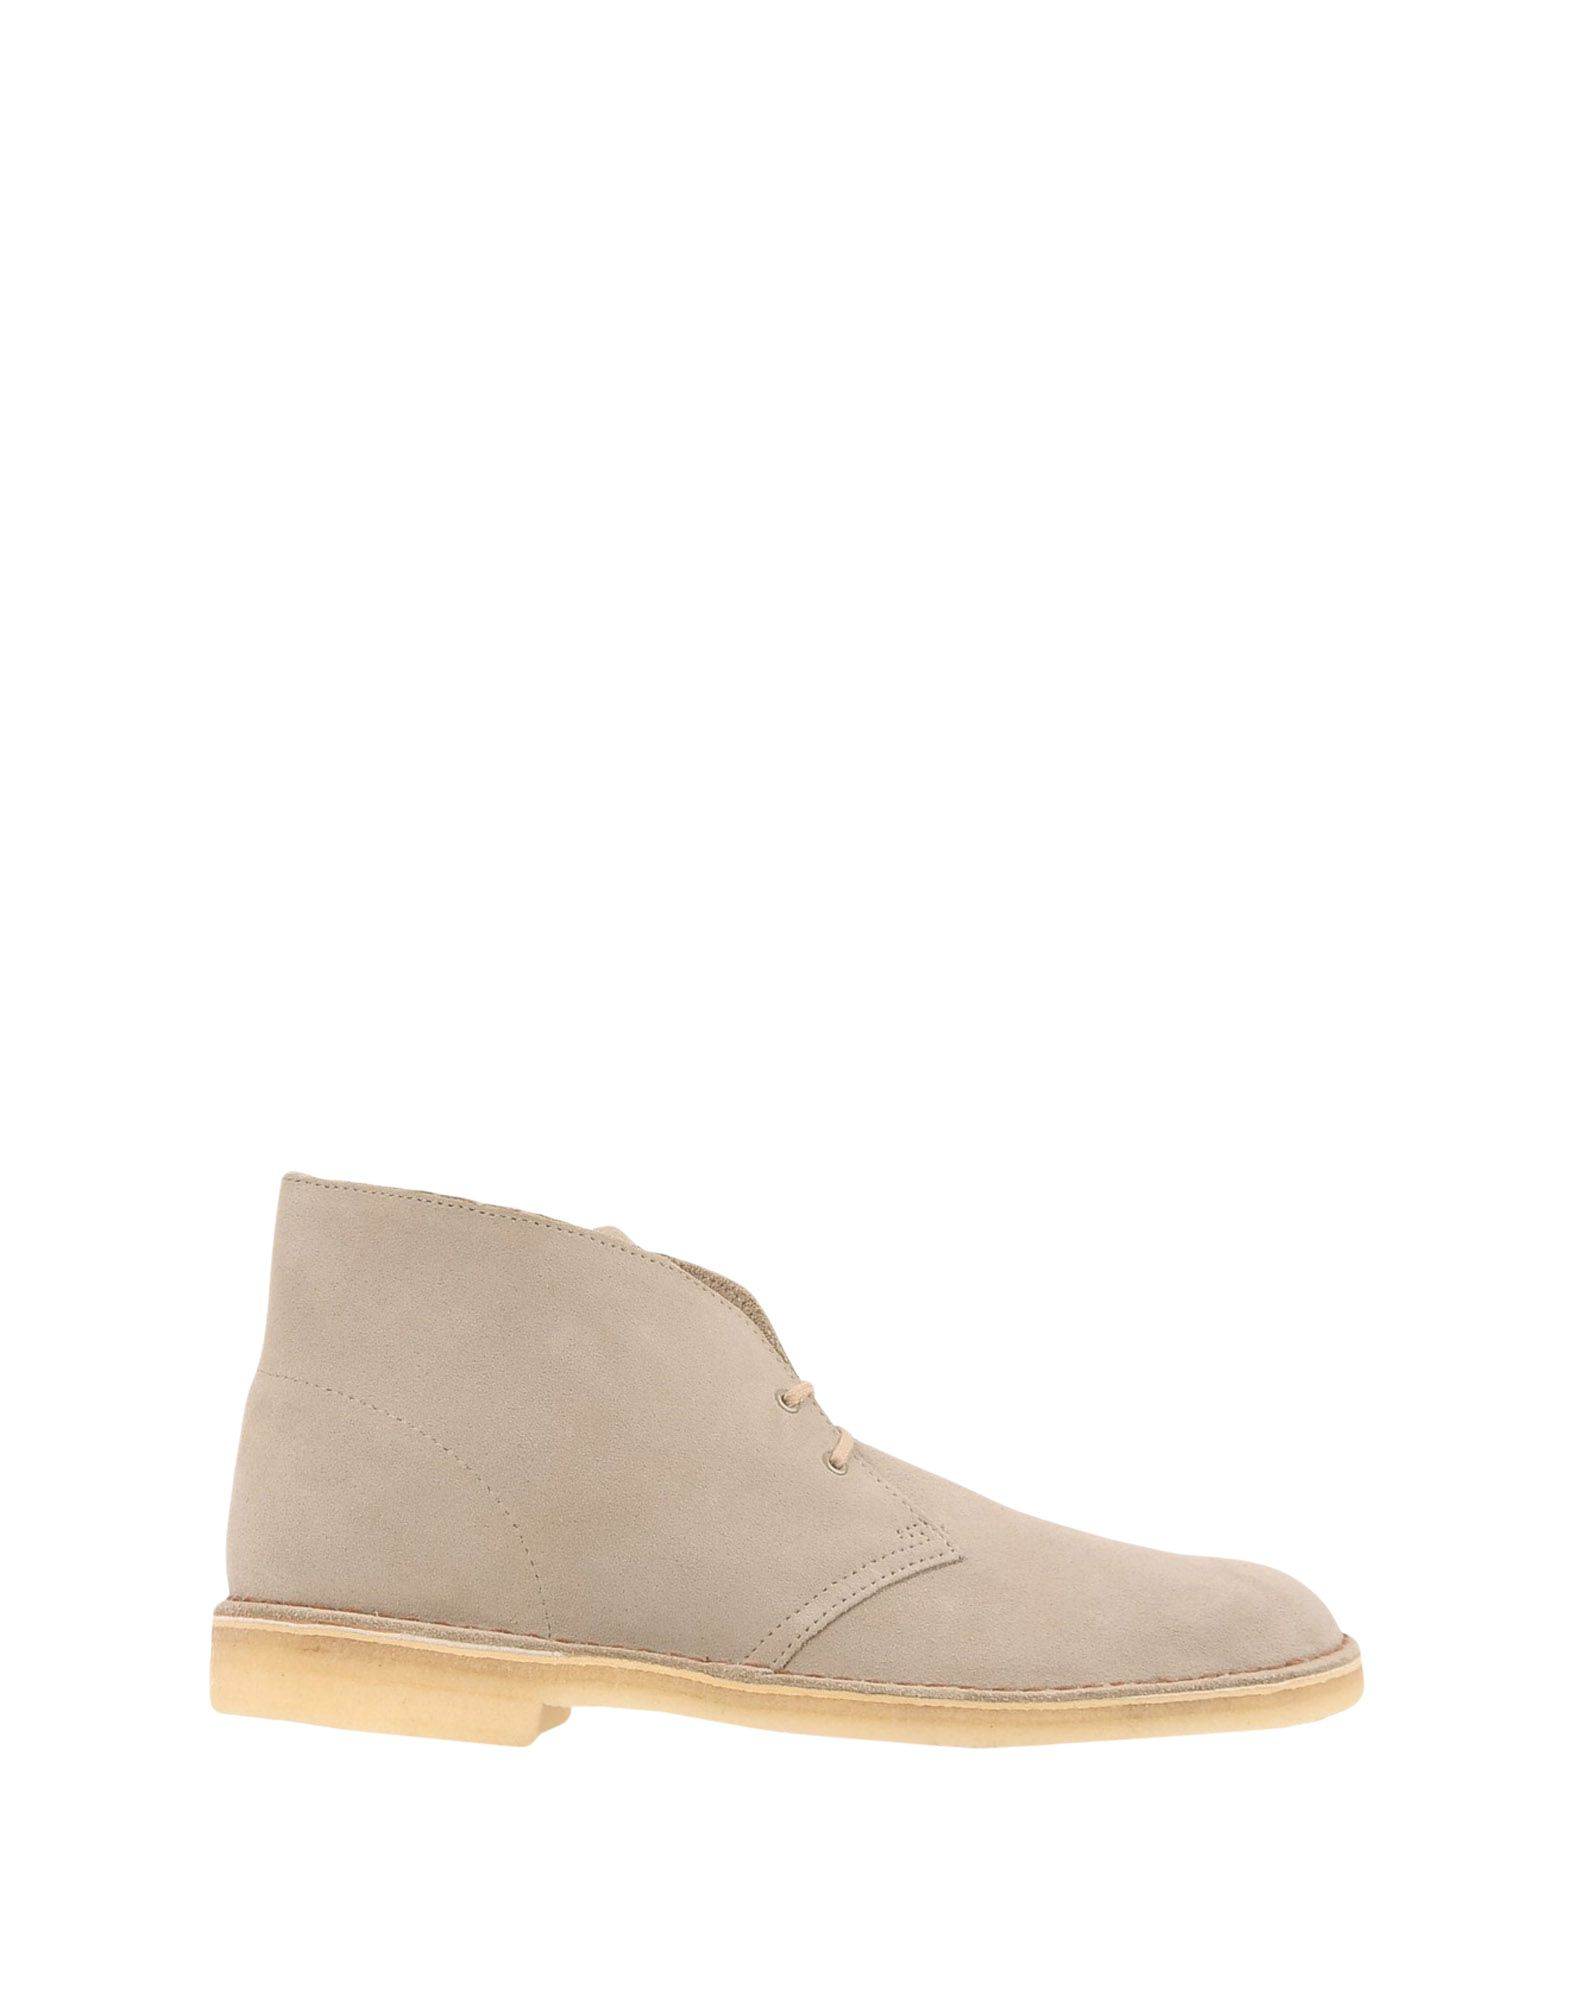 Bottine Clarks Originals Desert Boot - Homme - Bottines Clarks Originals sur